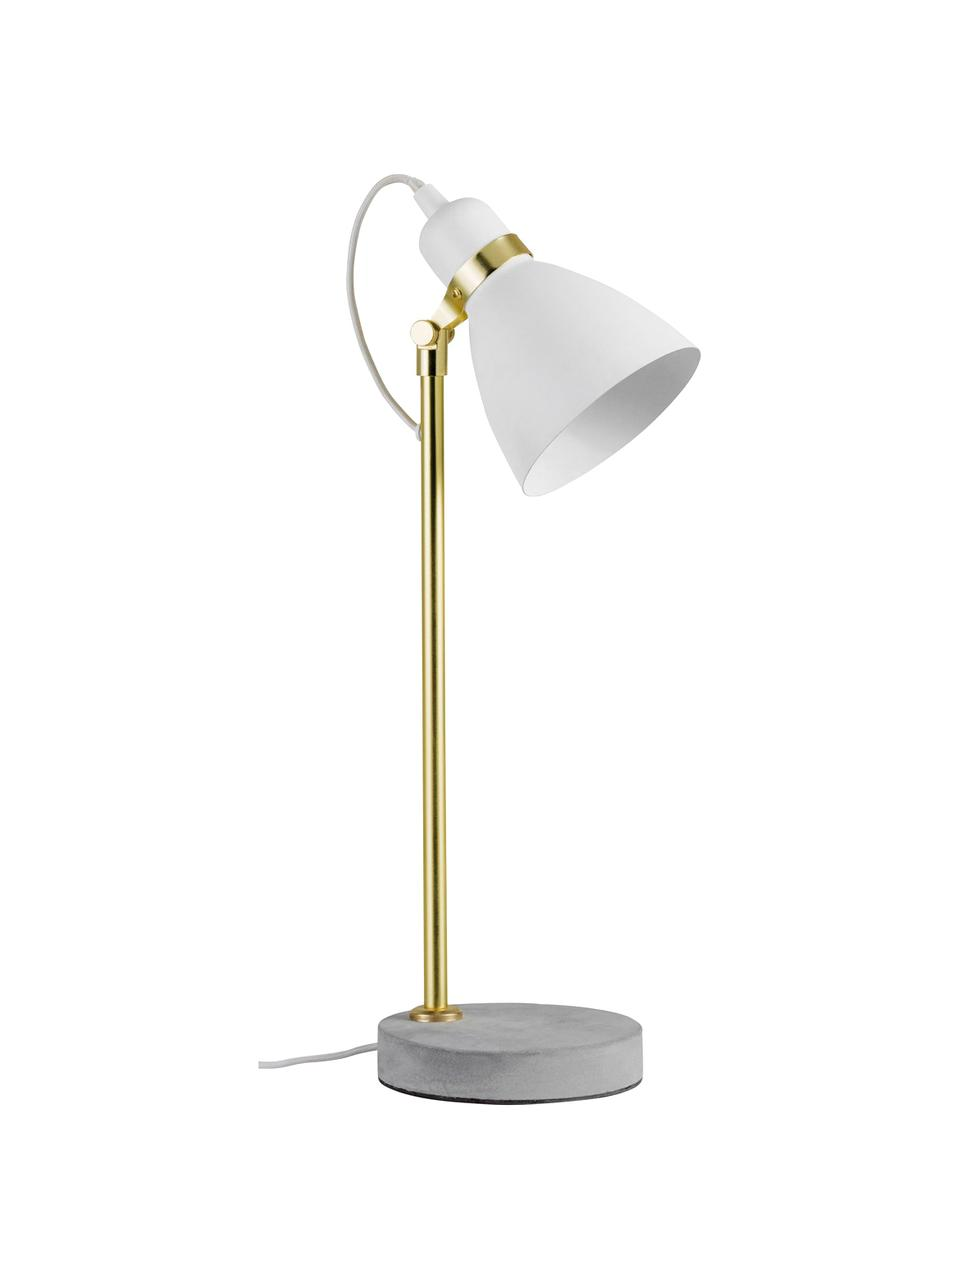 Grote tafellamp Orm met betonnen voet, Lampenkap: gecoat metaal, Lampvoet: beton, Wit, messingkleurig, grijs, Ø 15 x H 50 cm